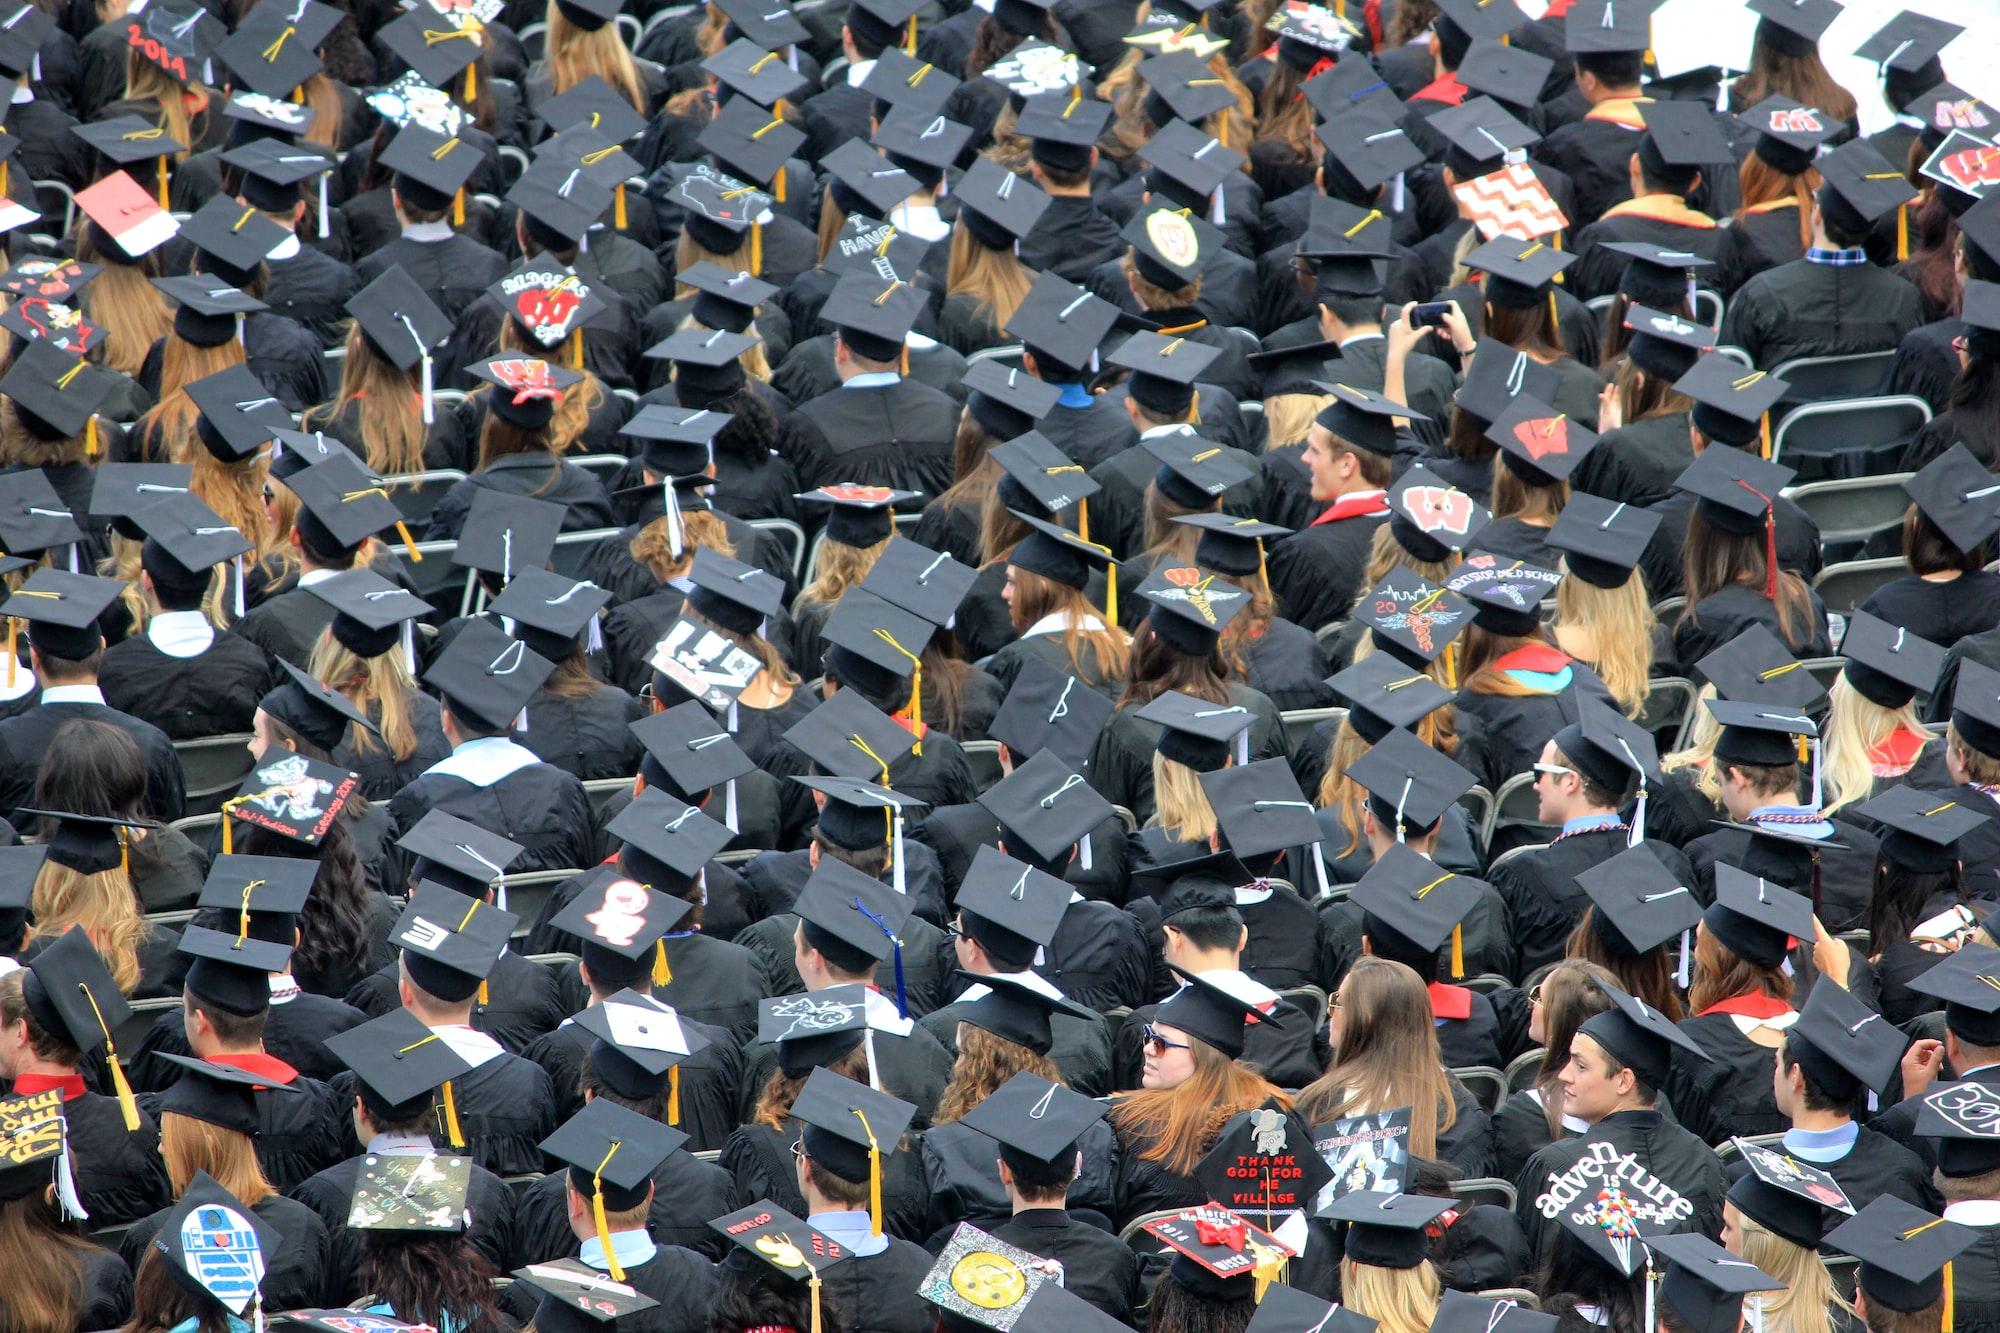 大学取消毕业生线下参与毕业典礼